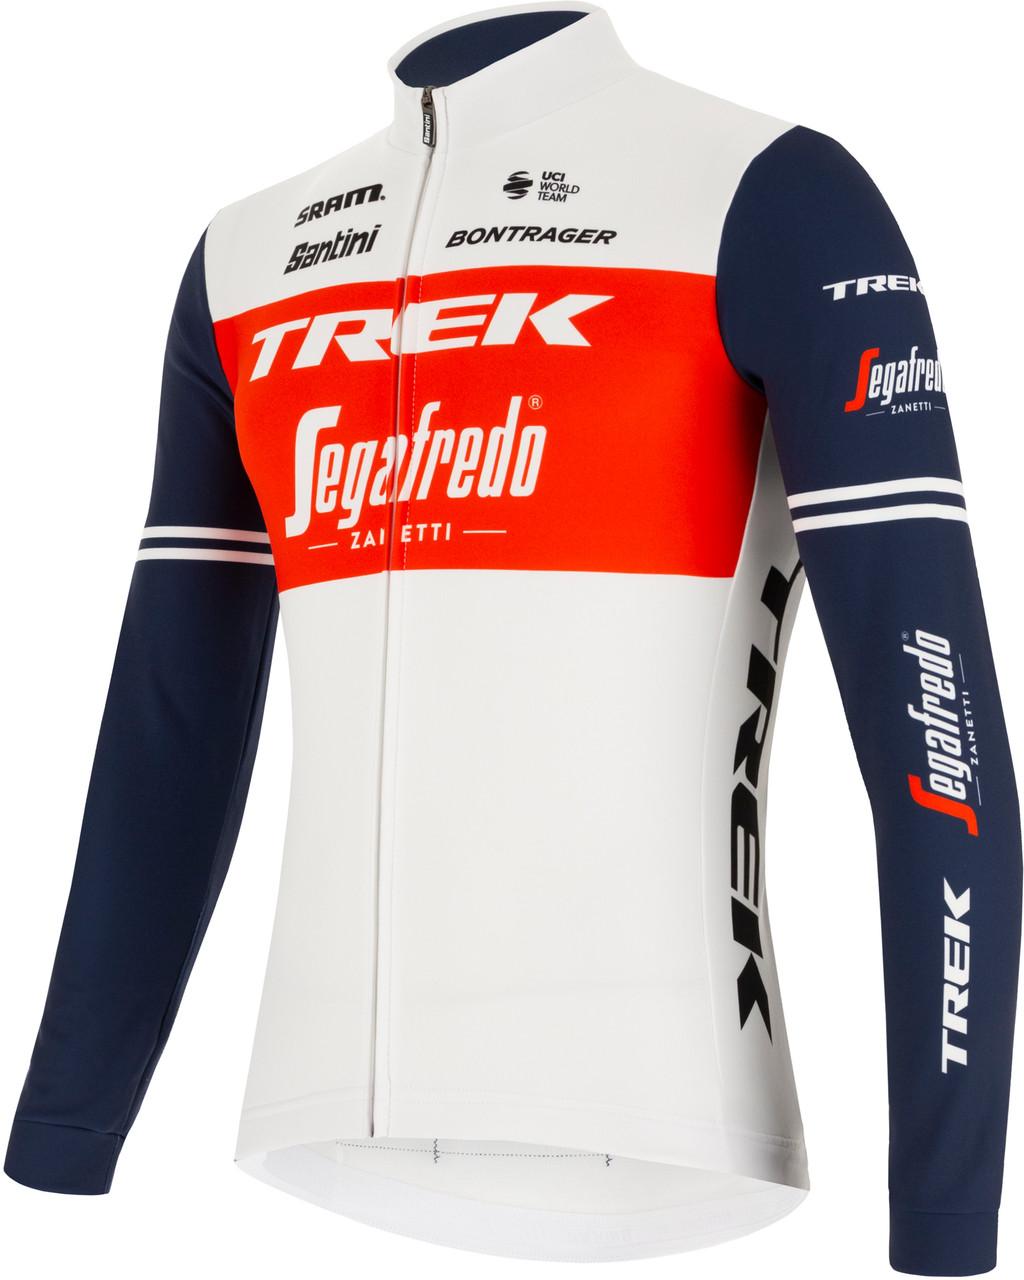 2021 Trek Segafredo Long Sleeve Jersey Side